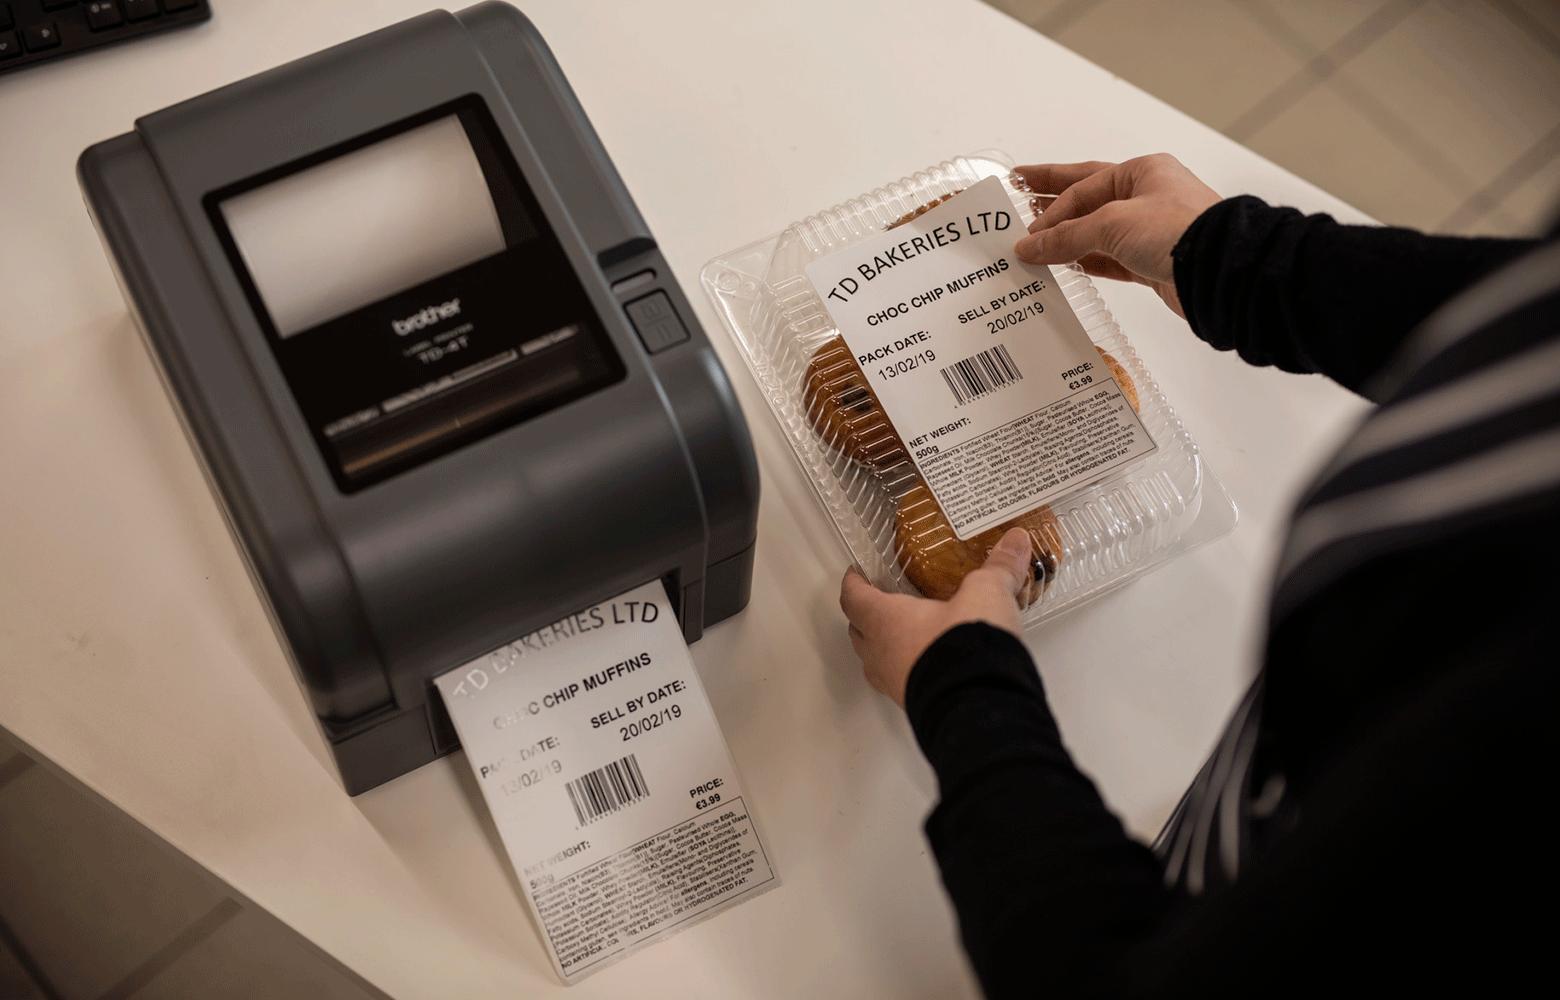 Brother uzlīmju printeris drukā uzlīmi pārtikas produktiem